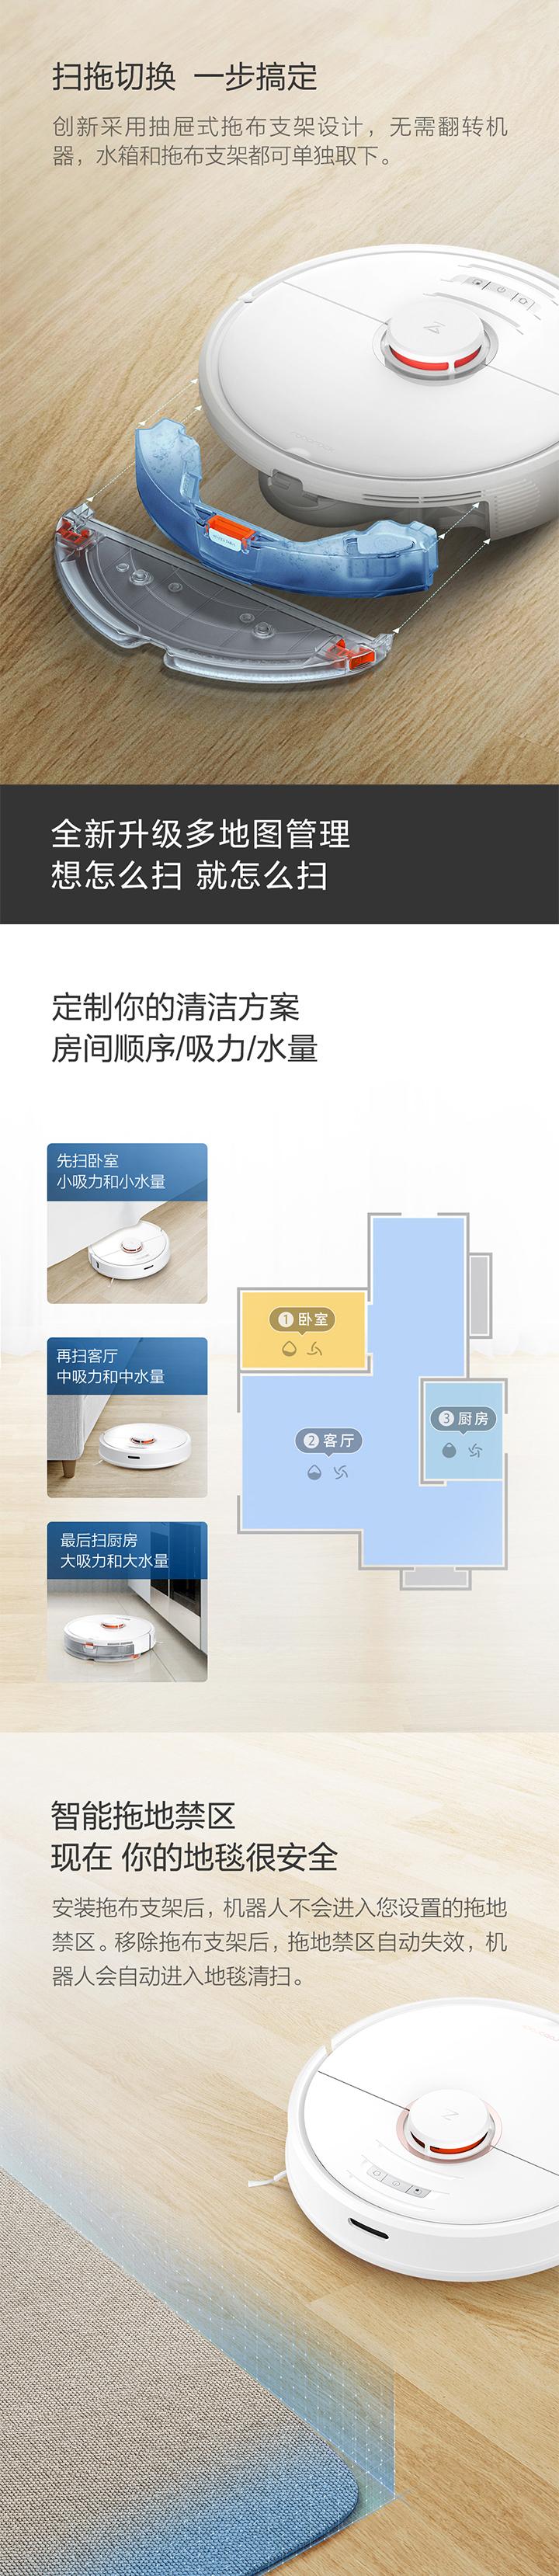 【全网首发】石头扫地机器人T7免费试用,评测